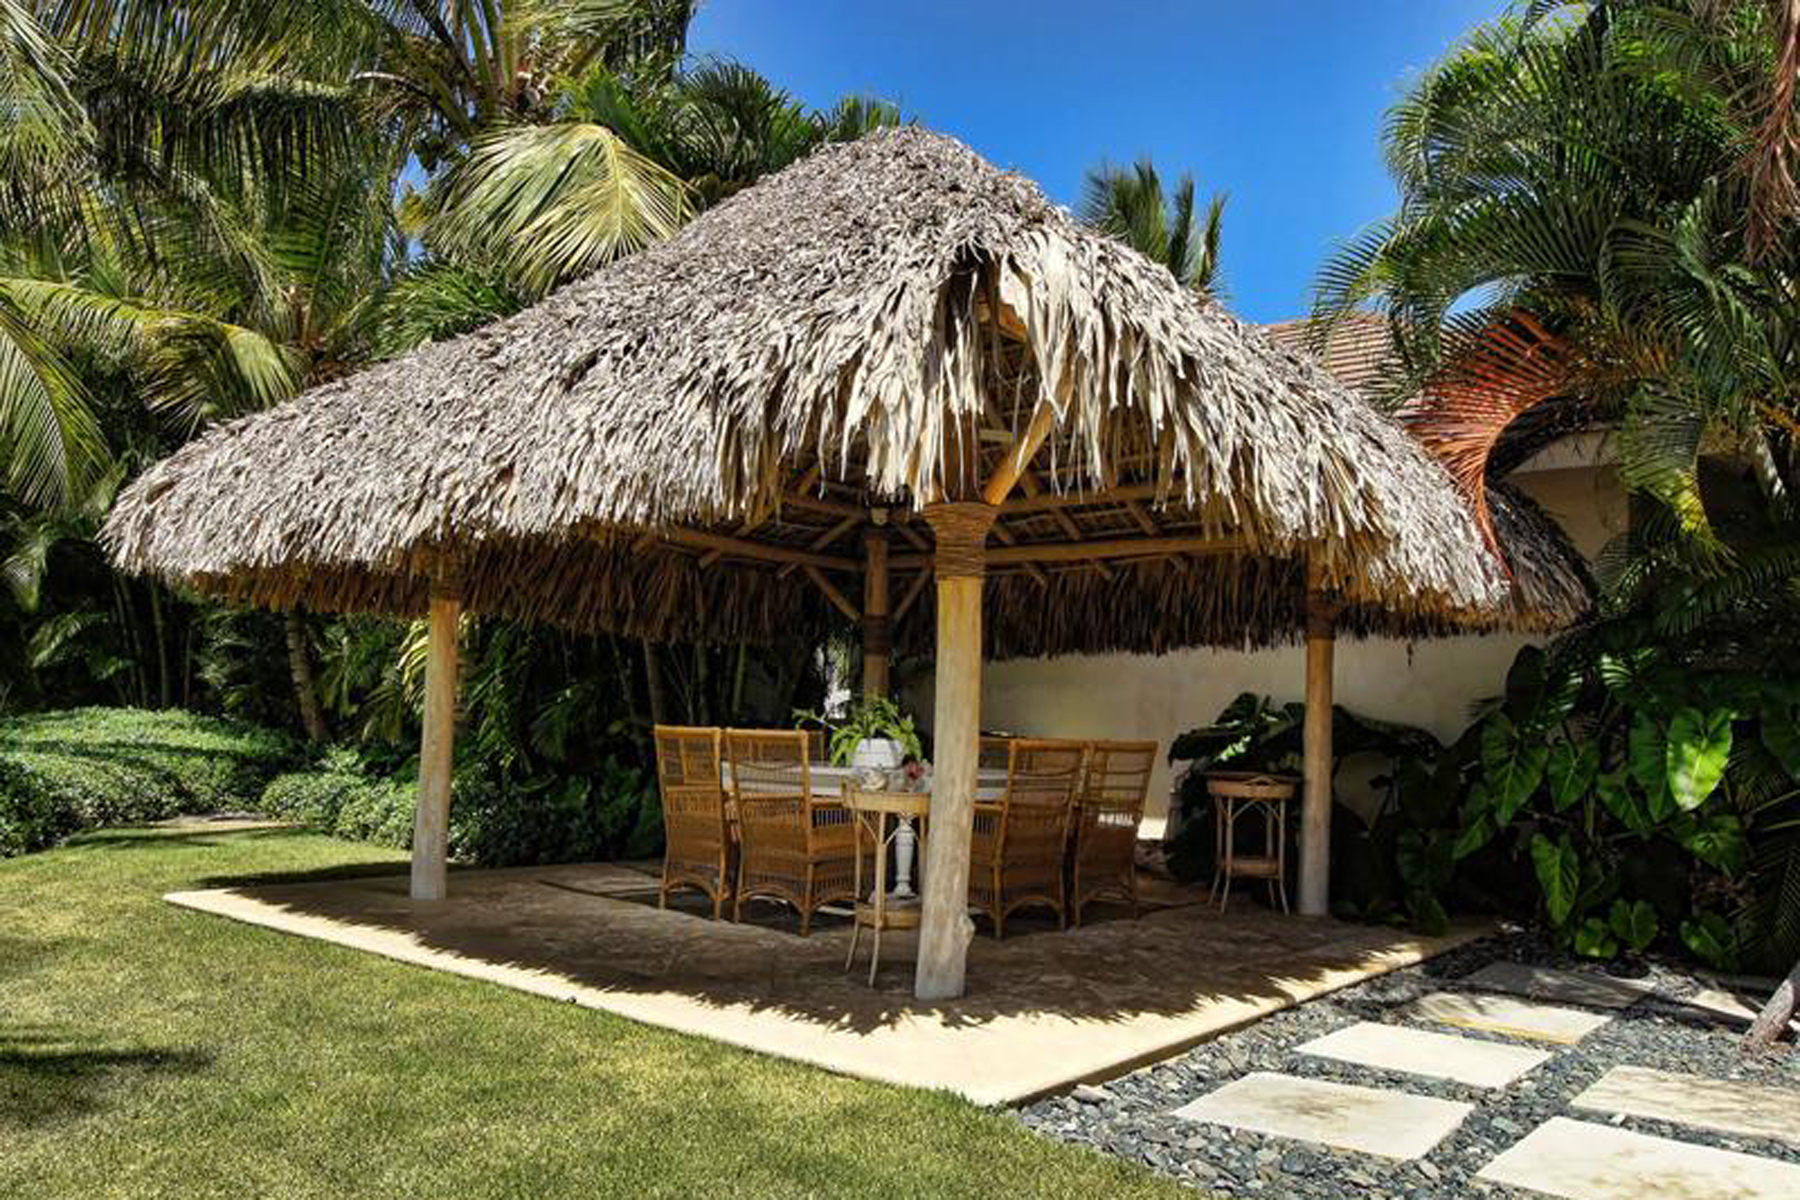 Dominican republic la altagracia punta cana arrecife for Homes for sale dominican republic punta cana